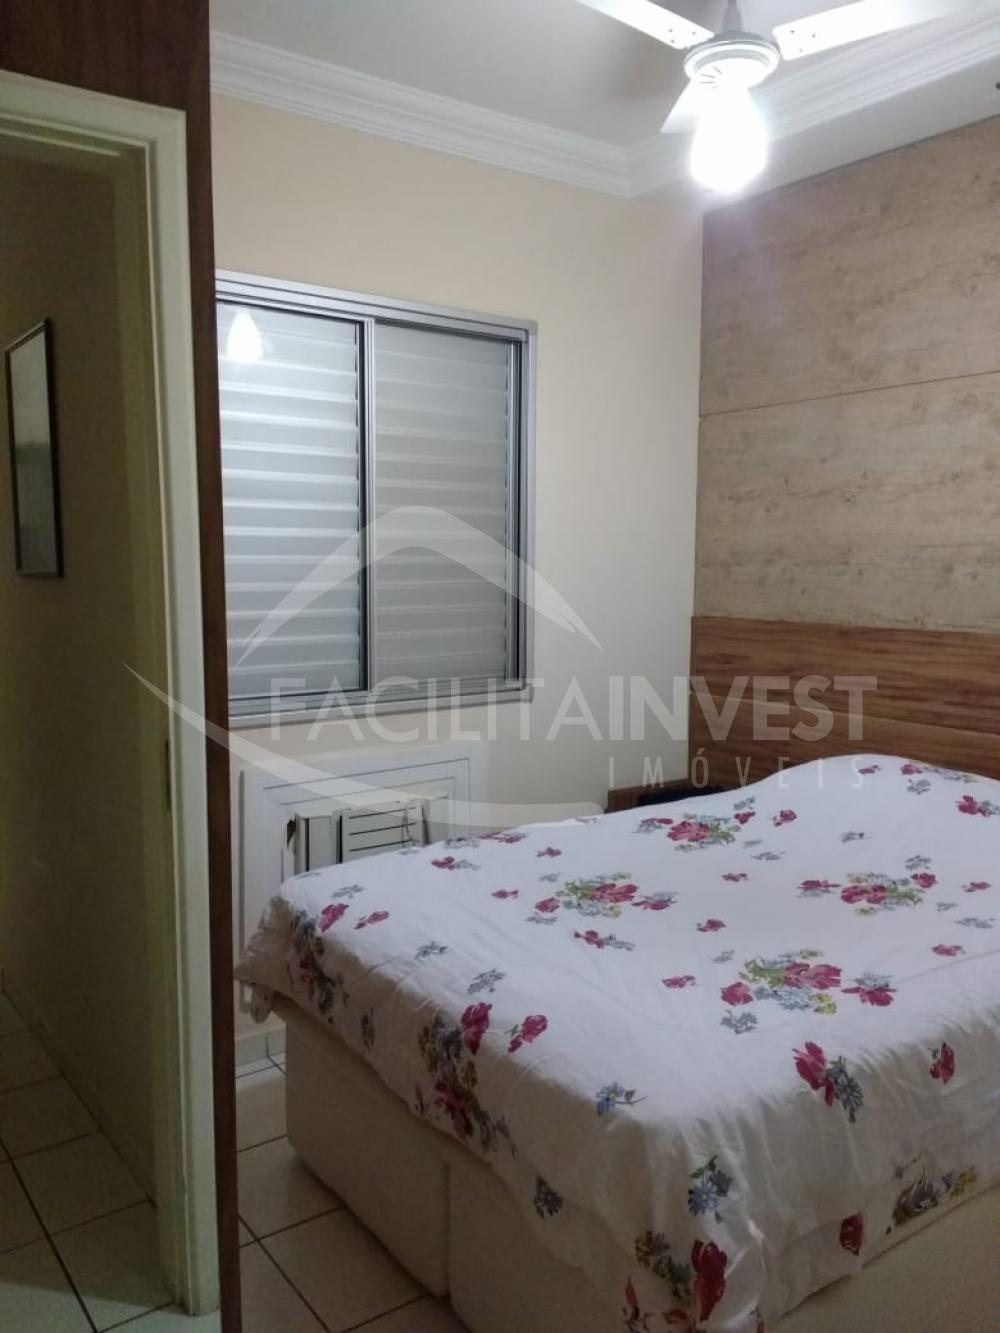 Comprar Apartamentos / Apart. Padrão em Ribeirão Preto apenas R$ 240.000,00 - Foto 12